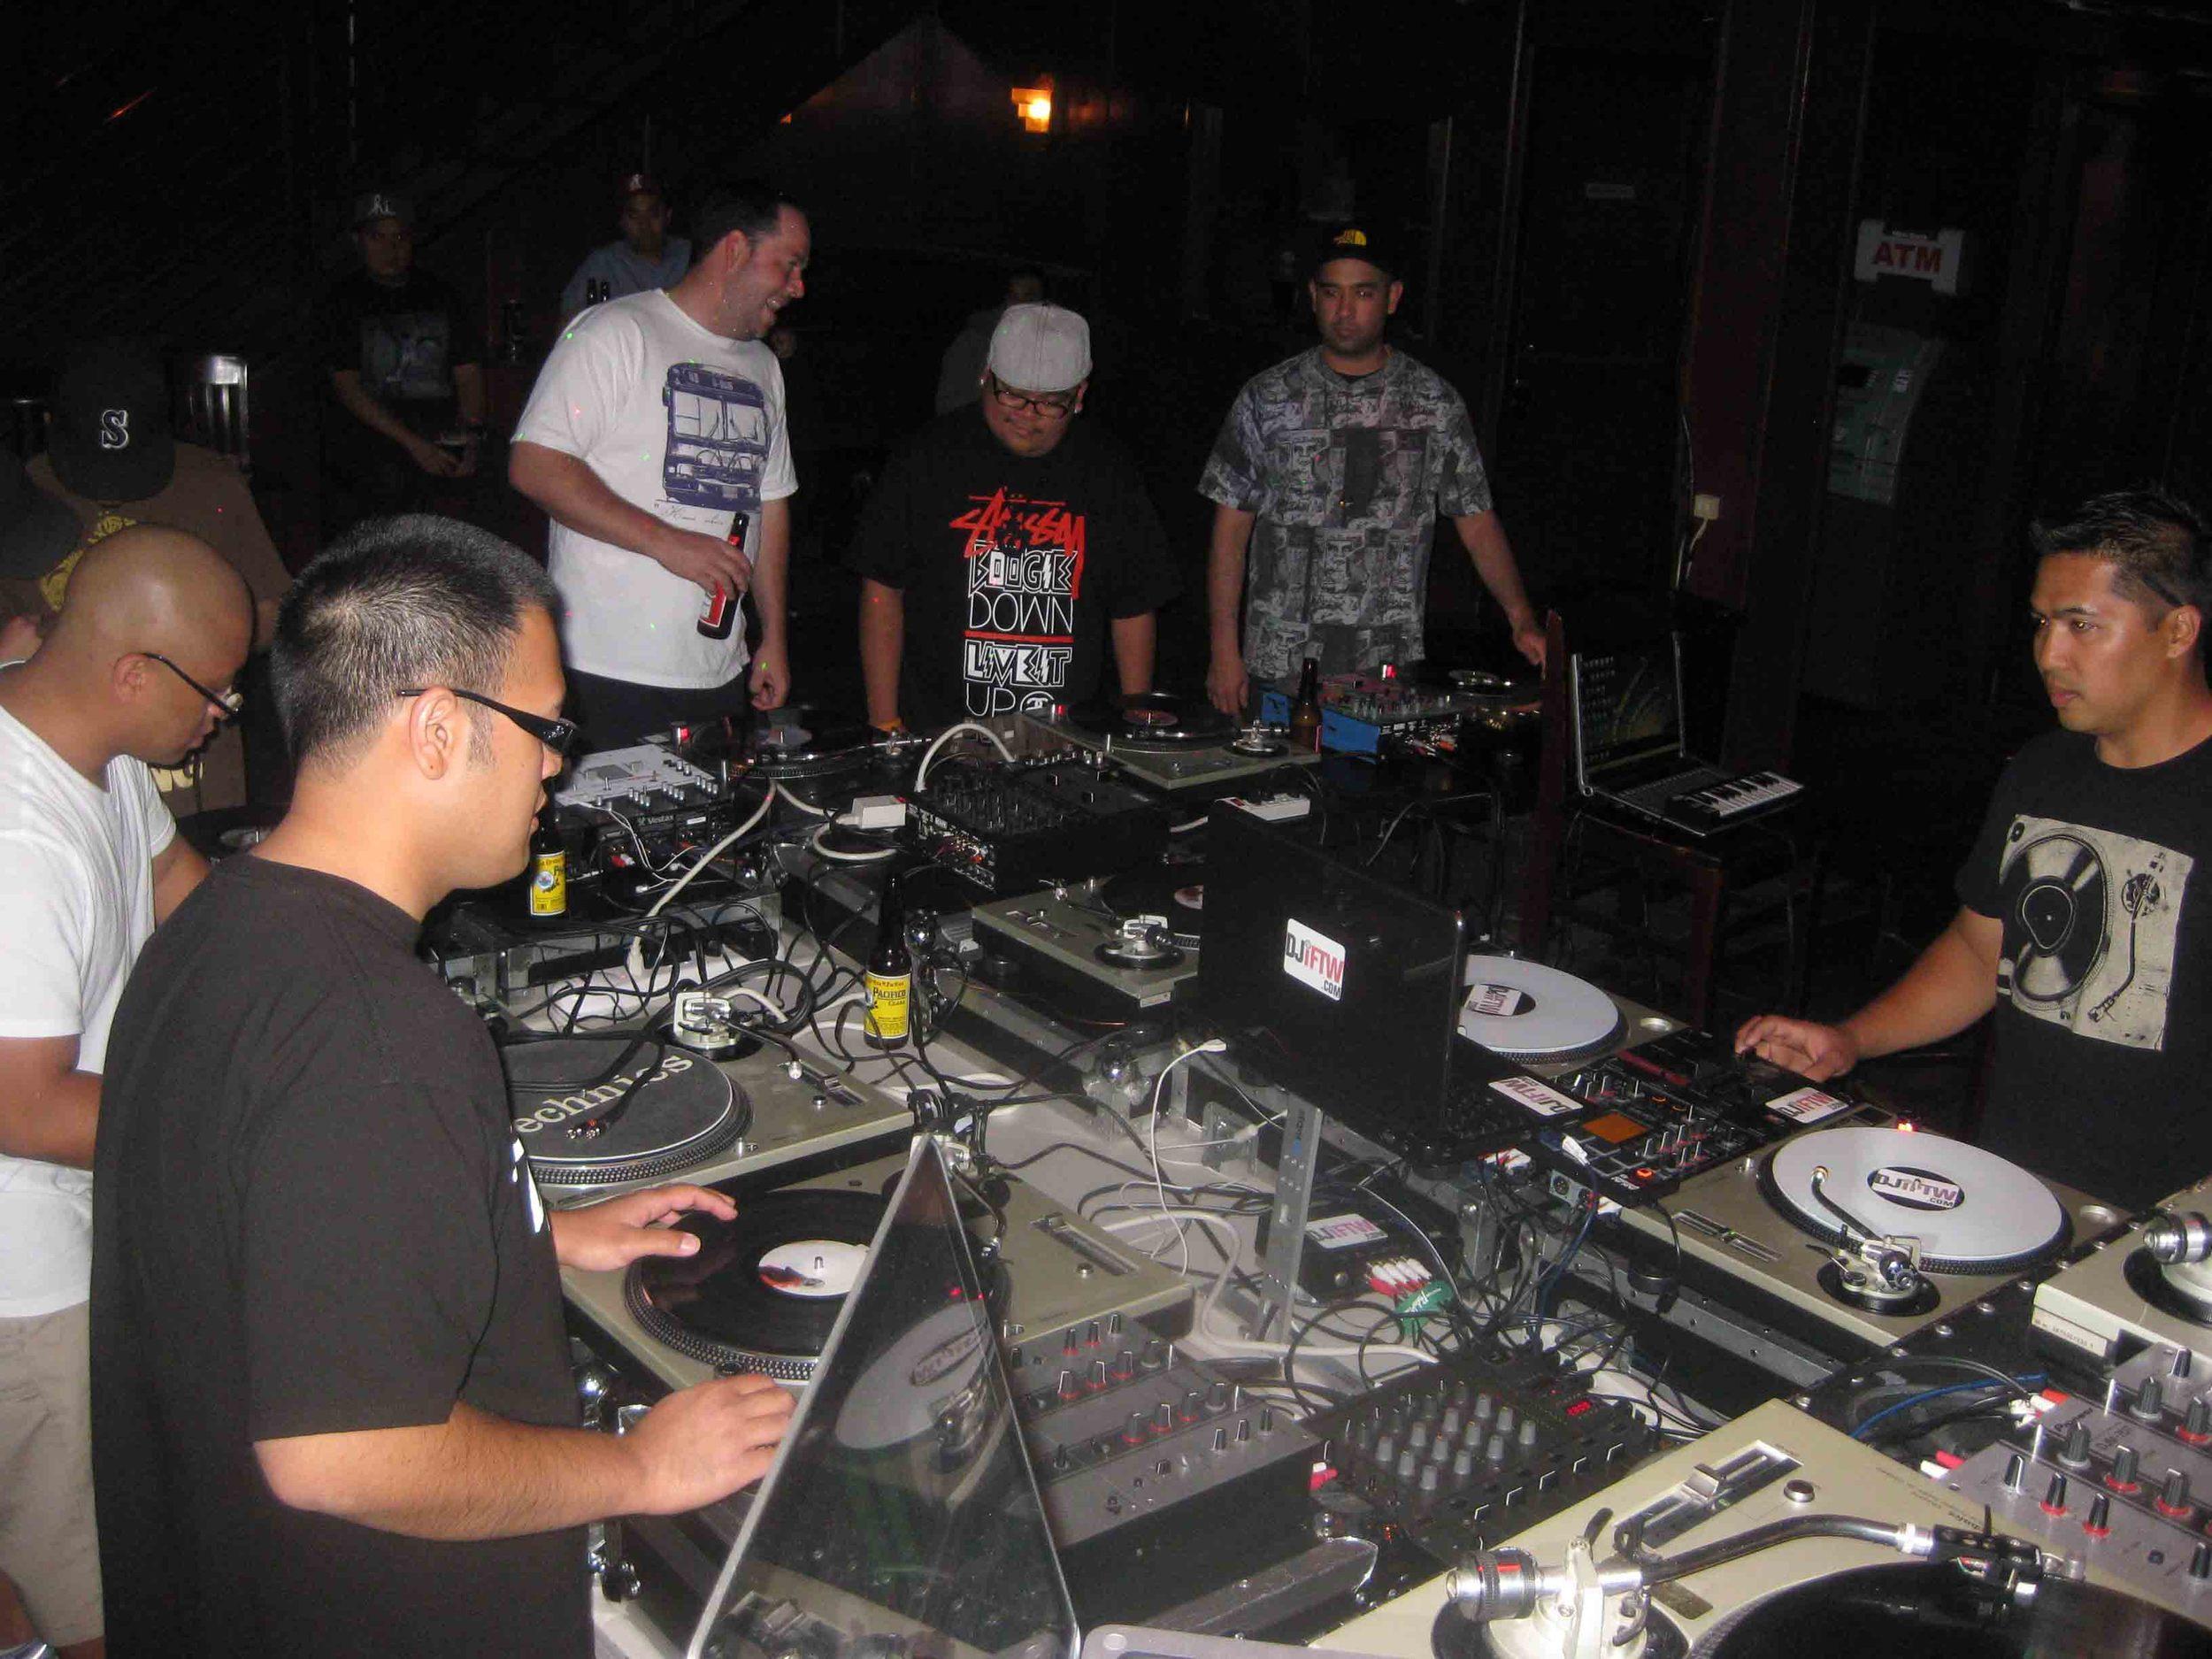 2011_08_04_SkratchLounge-DJ Image (14).jpg